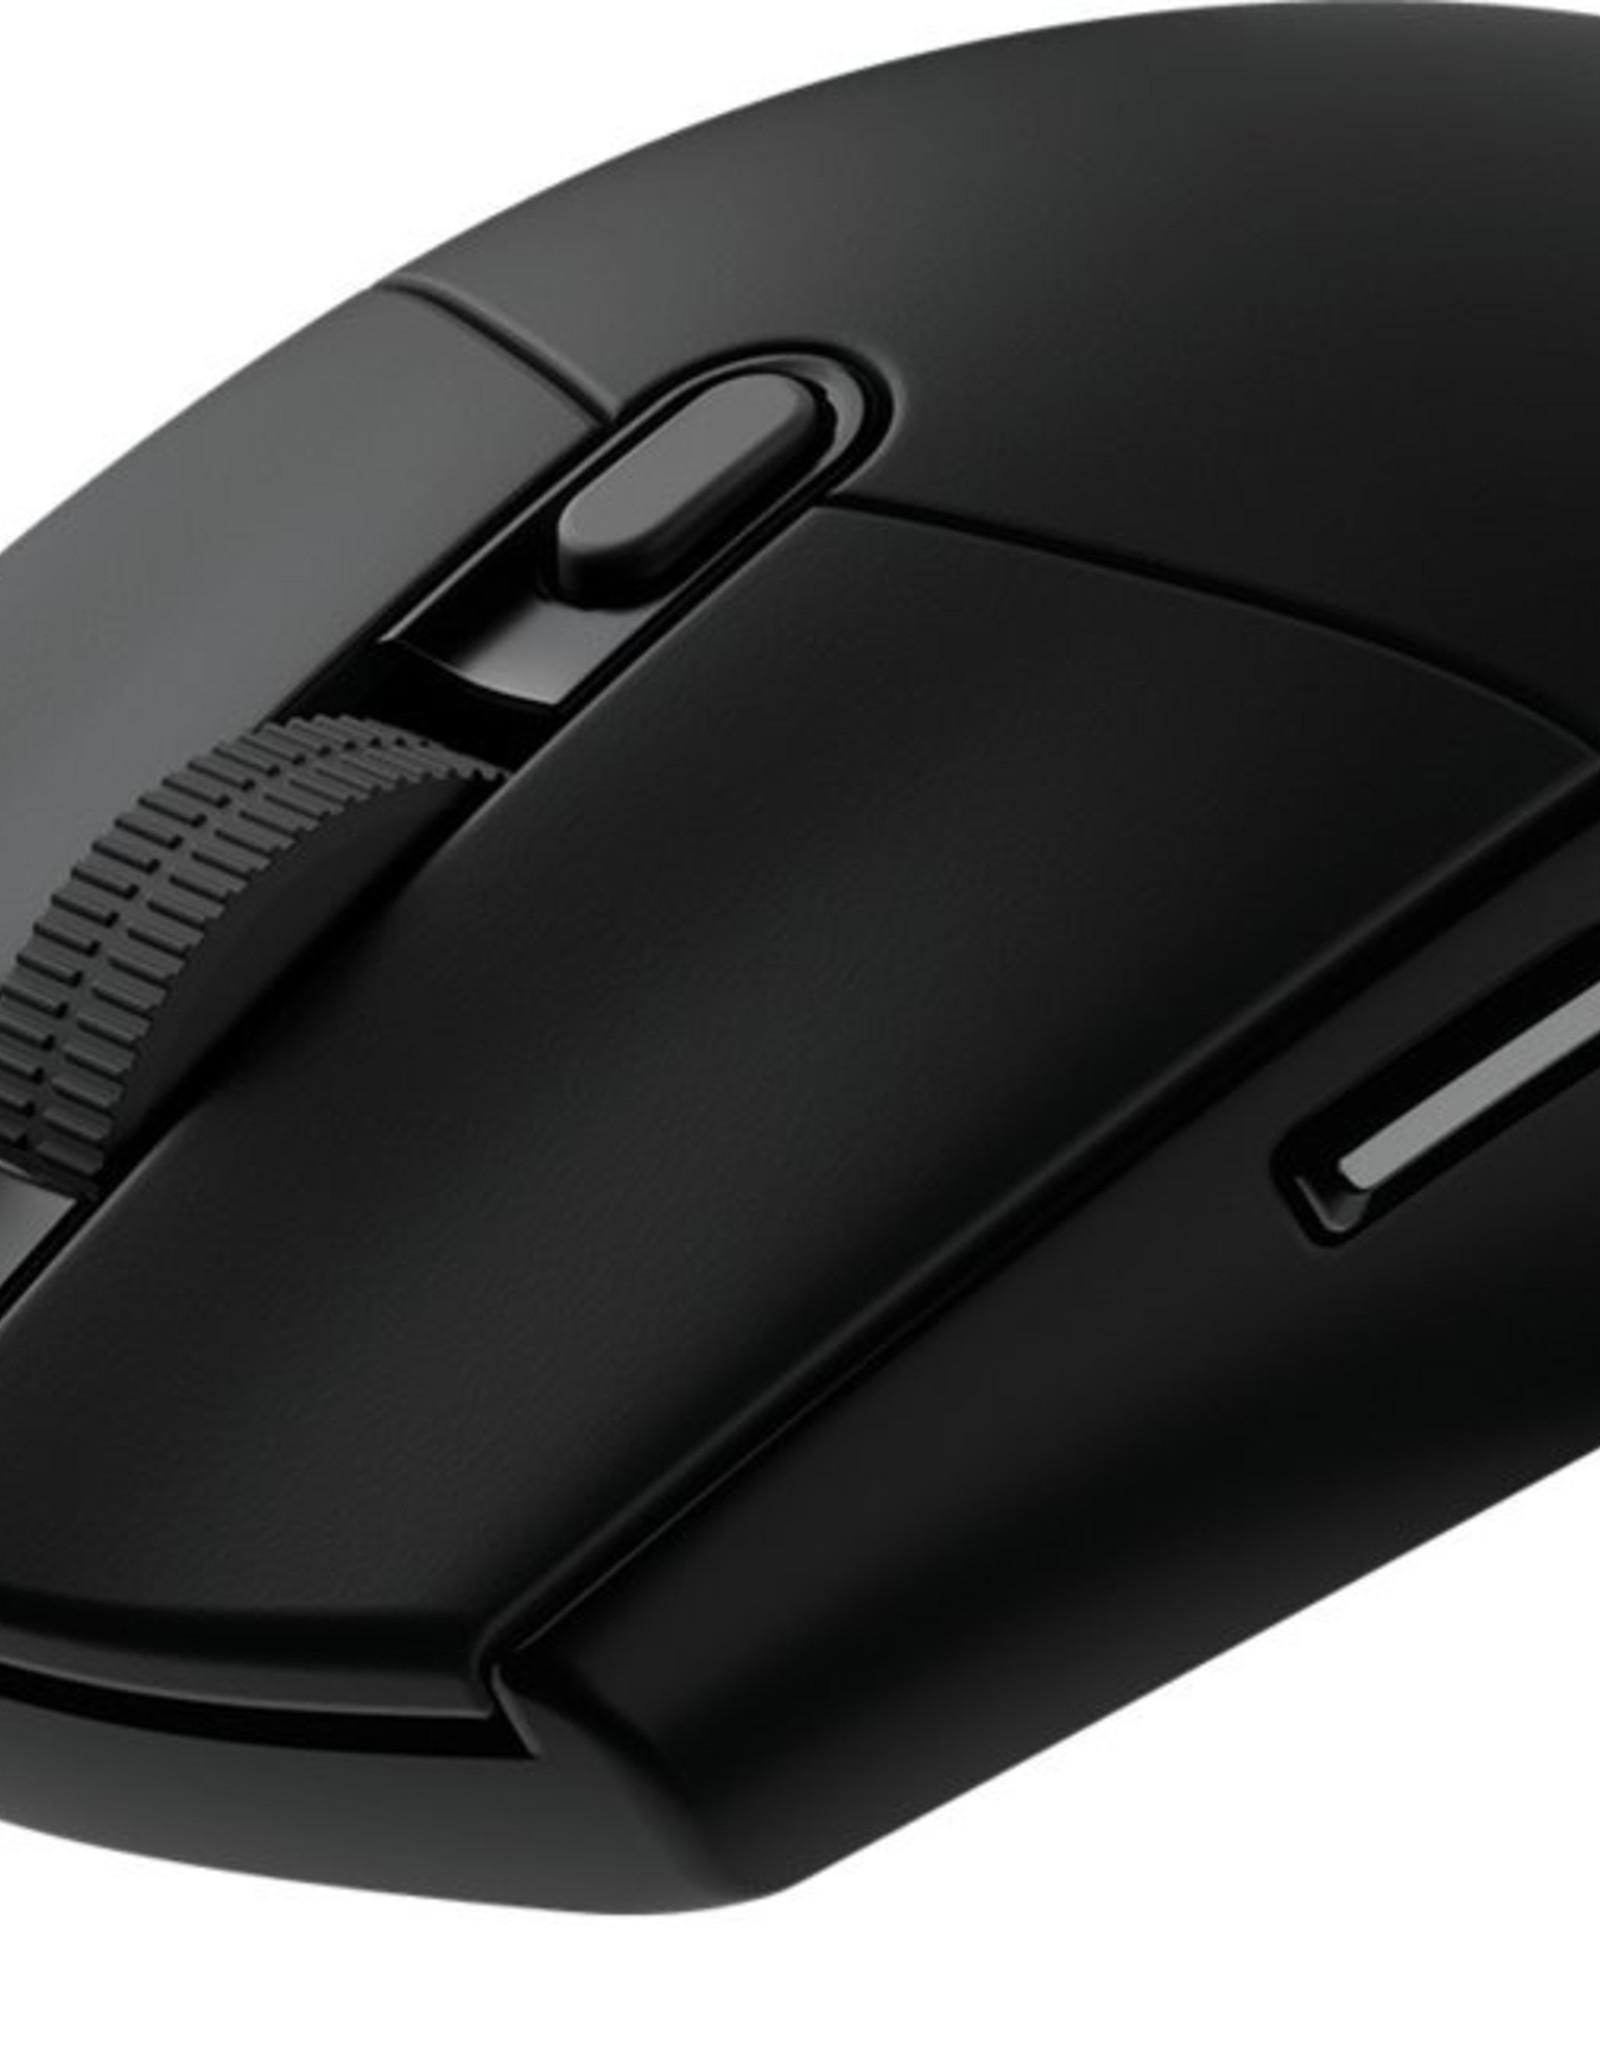 G G203 muis USB Type-A 8000 DPI